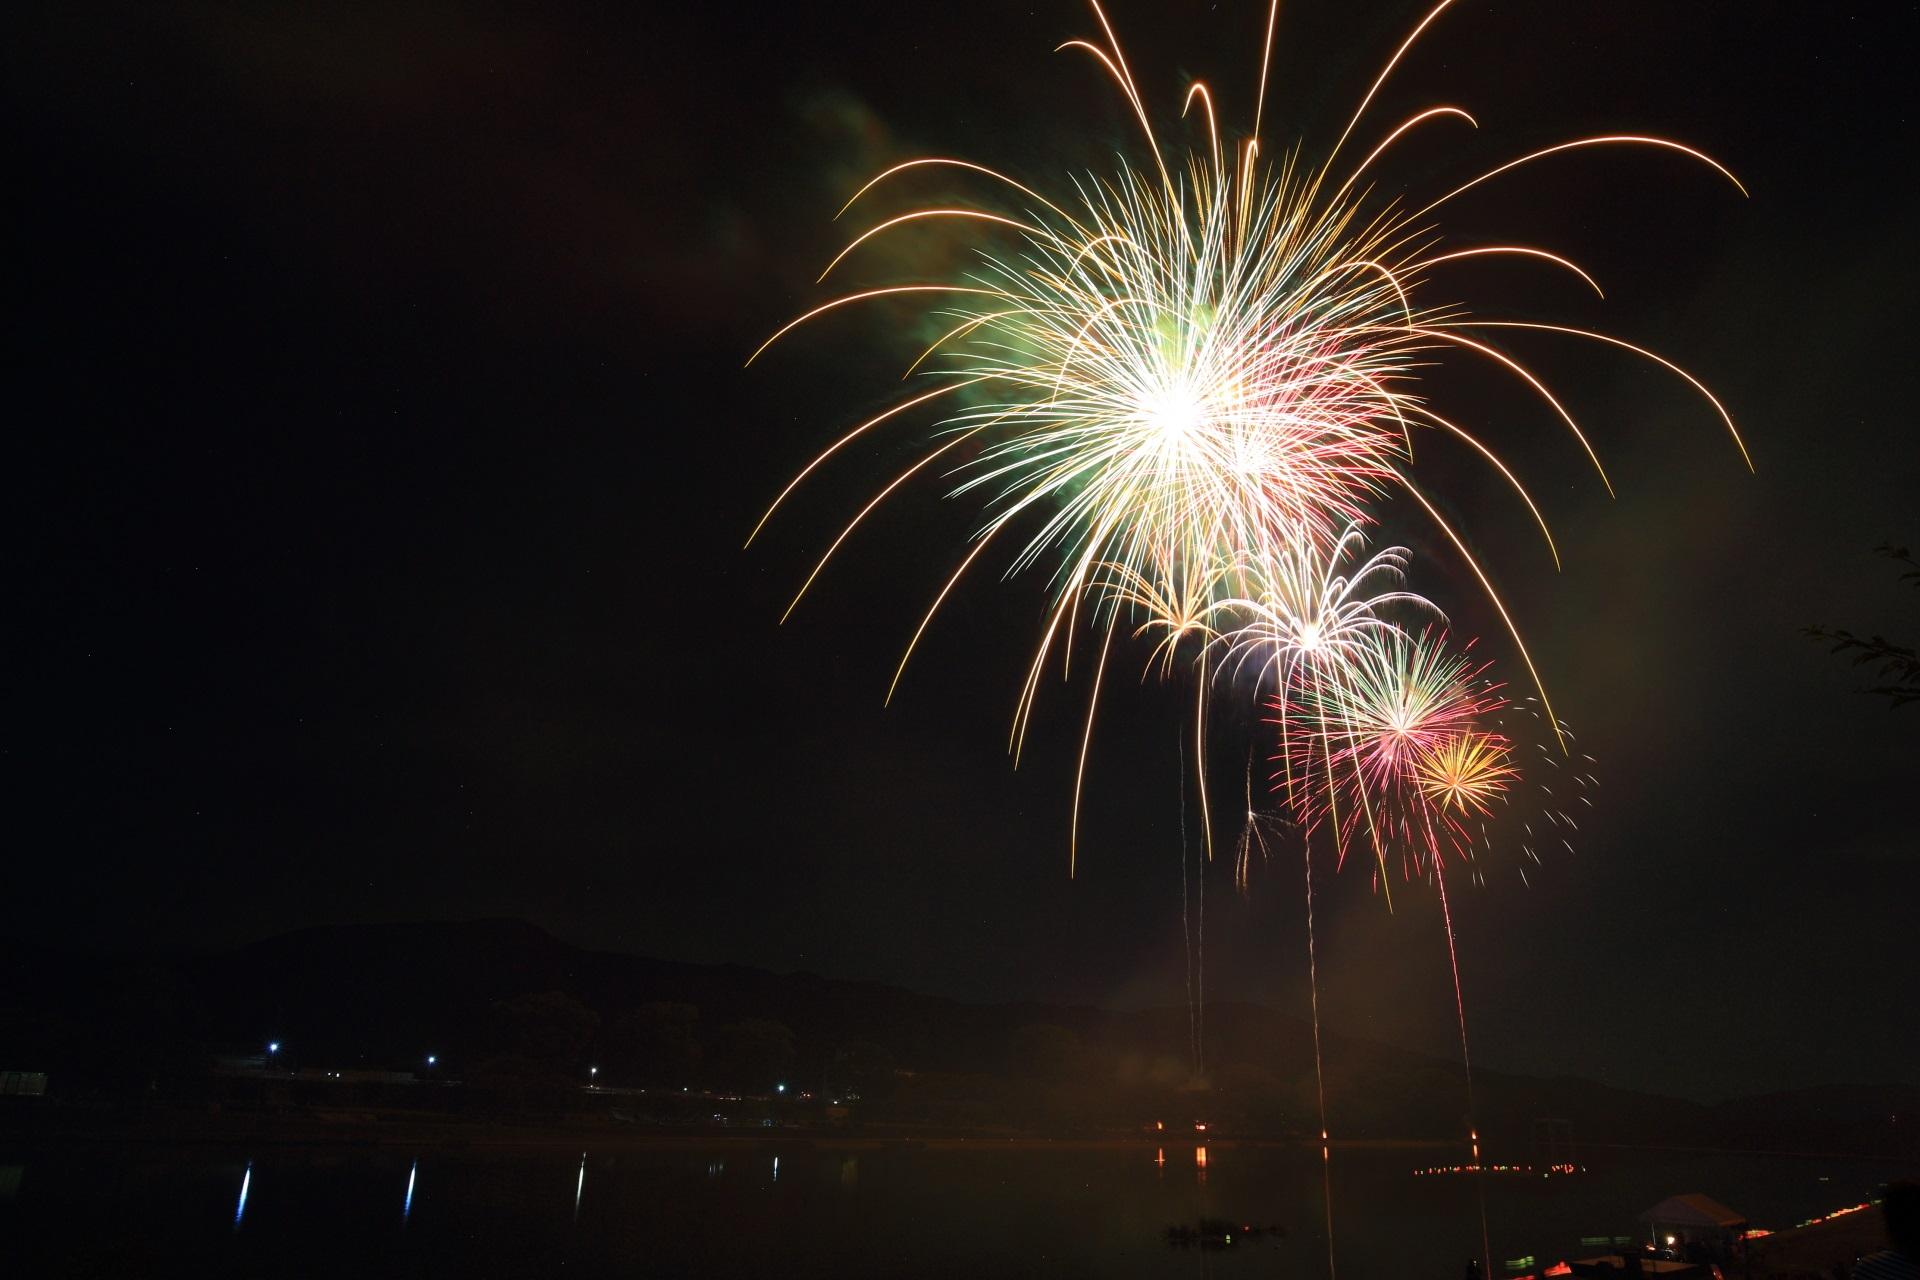 煌く閃光が大堰川へ枝垂れれて行く南丹市の花火